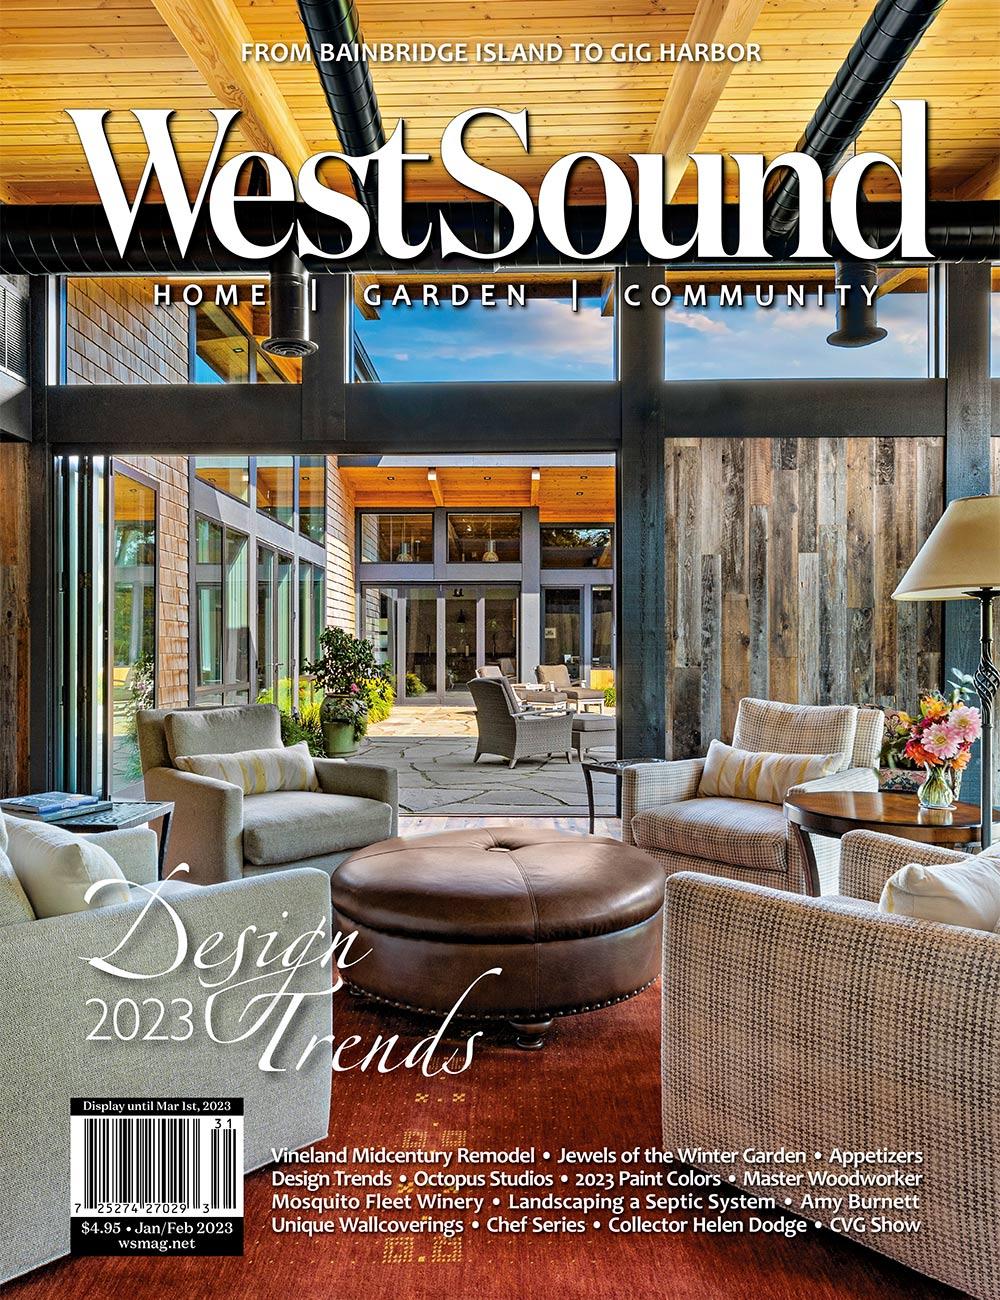 WestSound Magazine